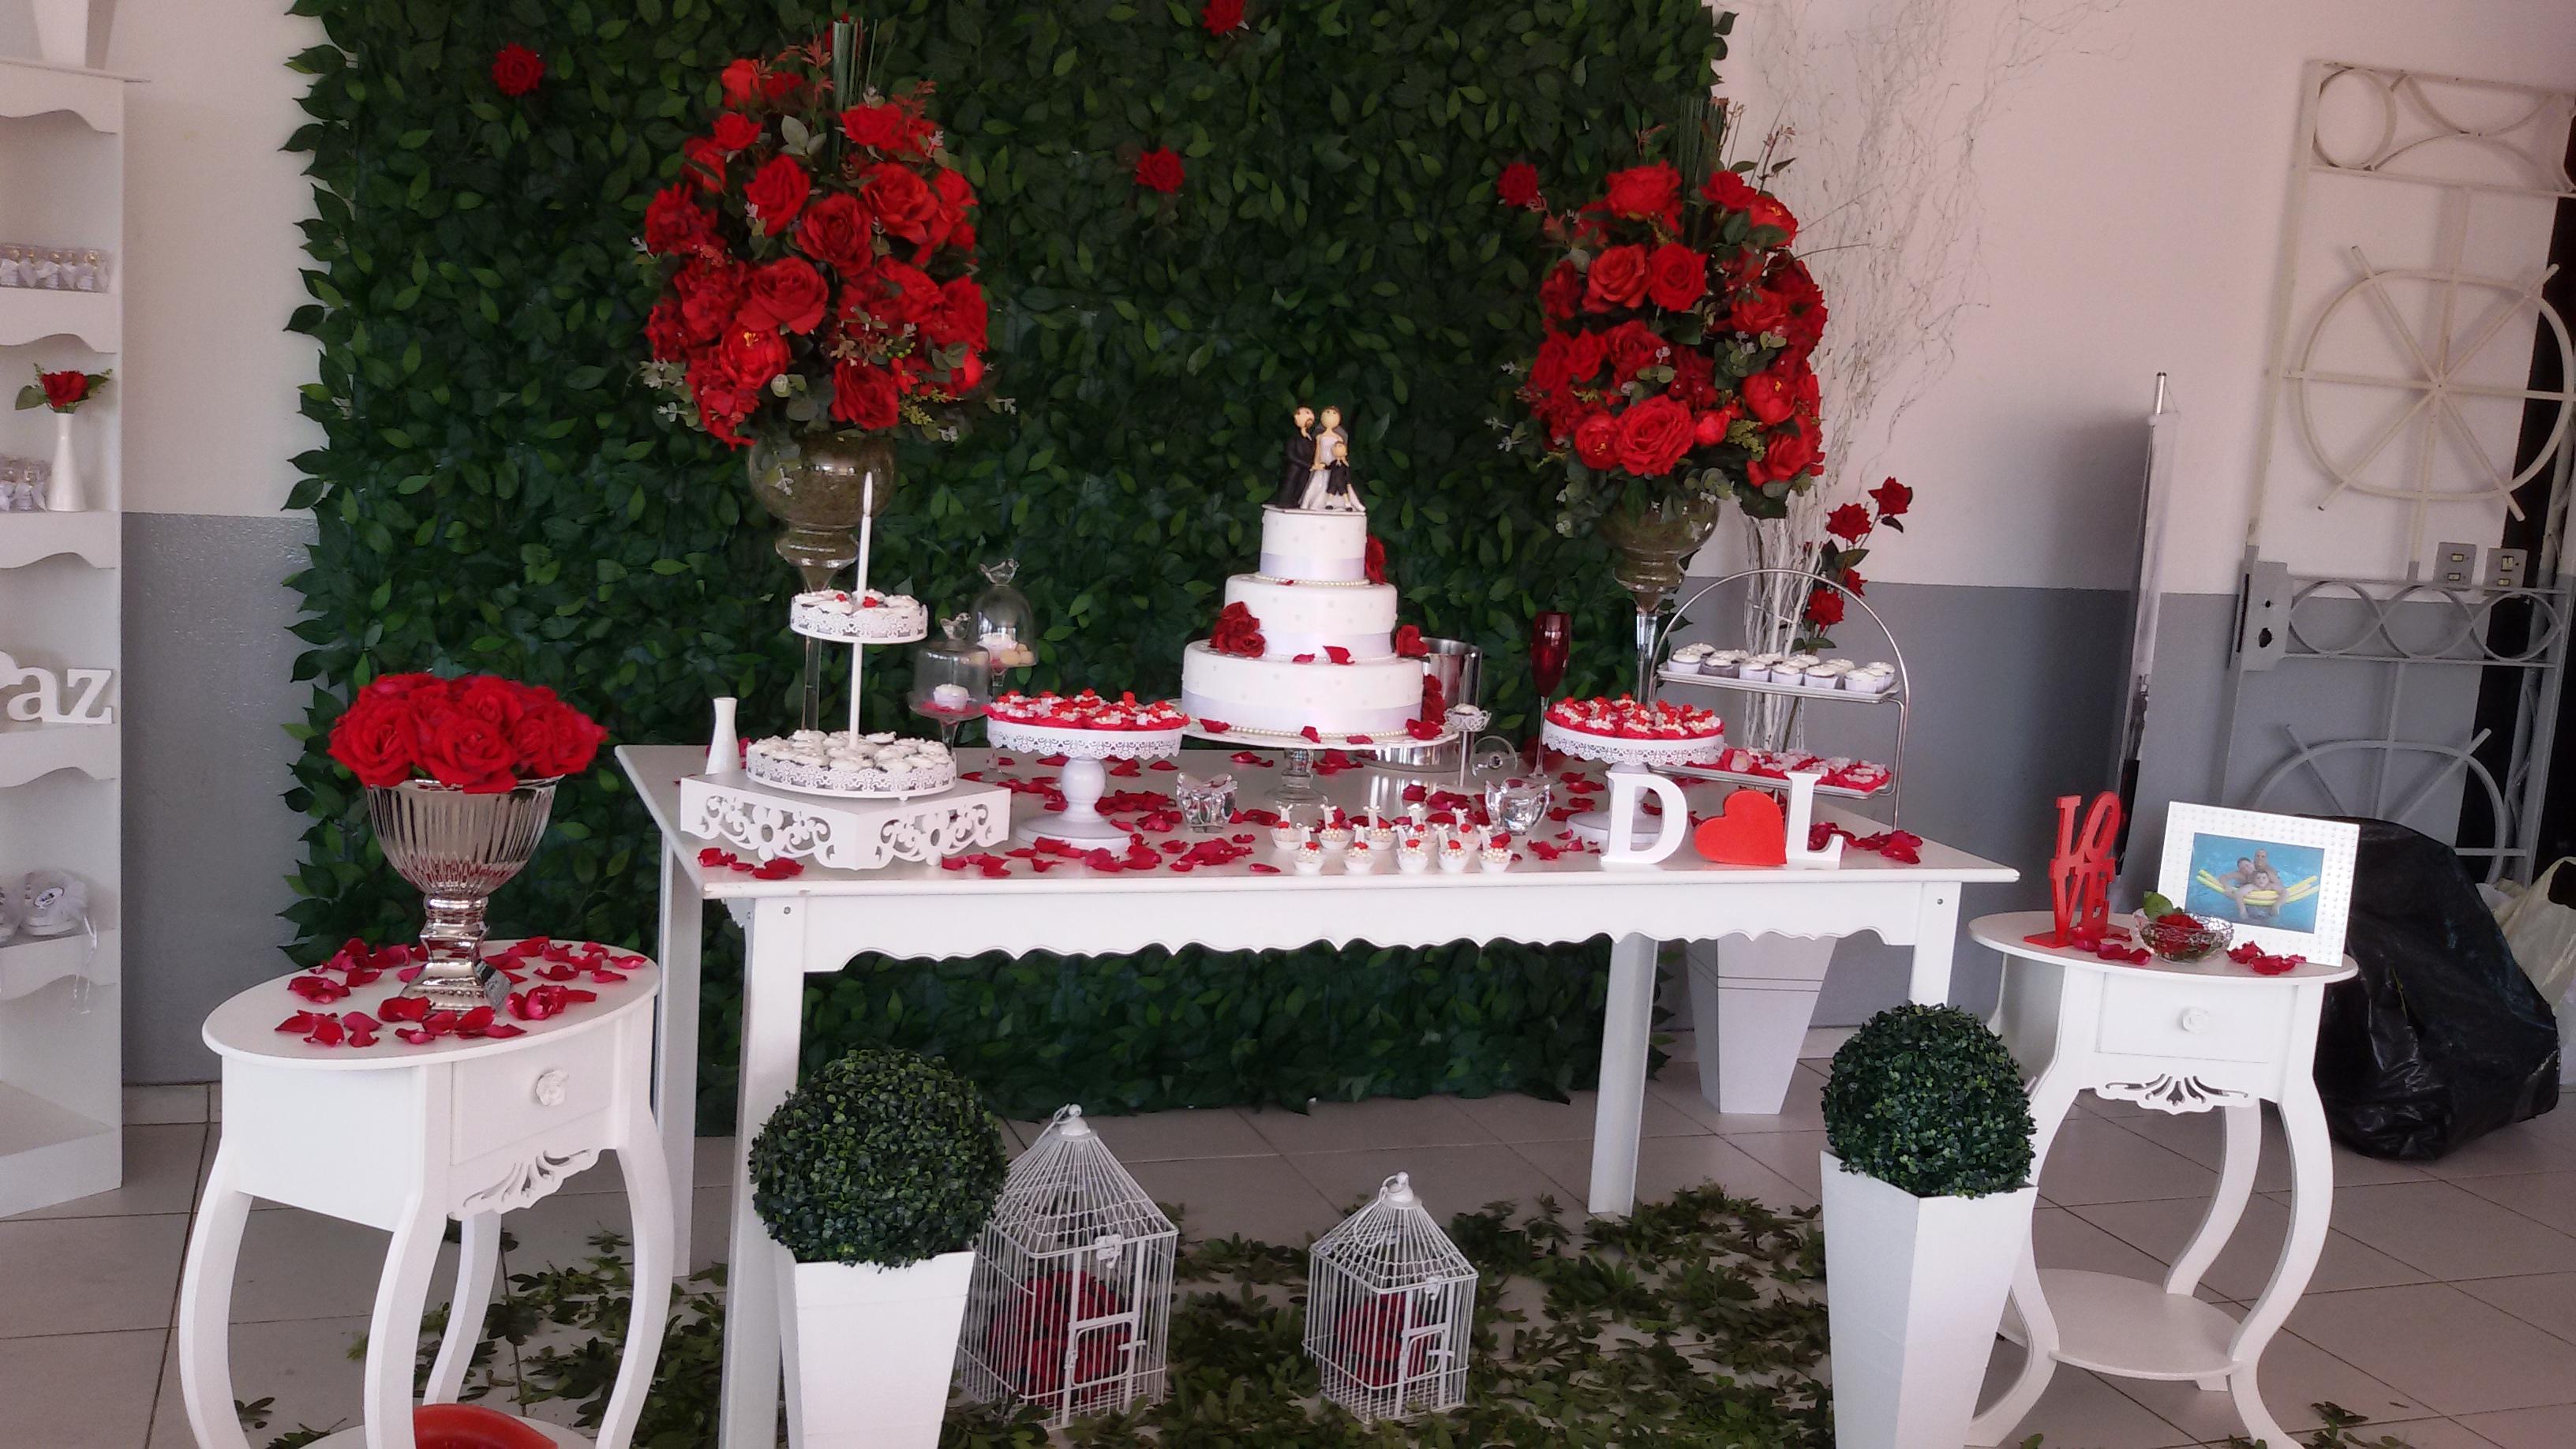 Decoraç u00e3o de casamento vermelho e branco Veja dicas e fotos! # Decoração Para Casamento Vermelho Branco E Dourado